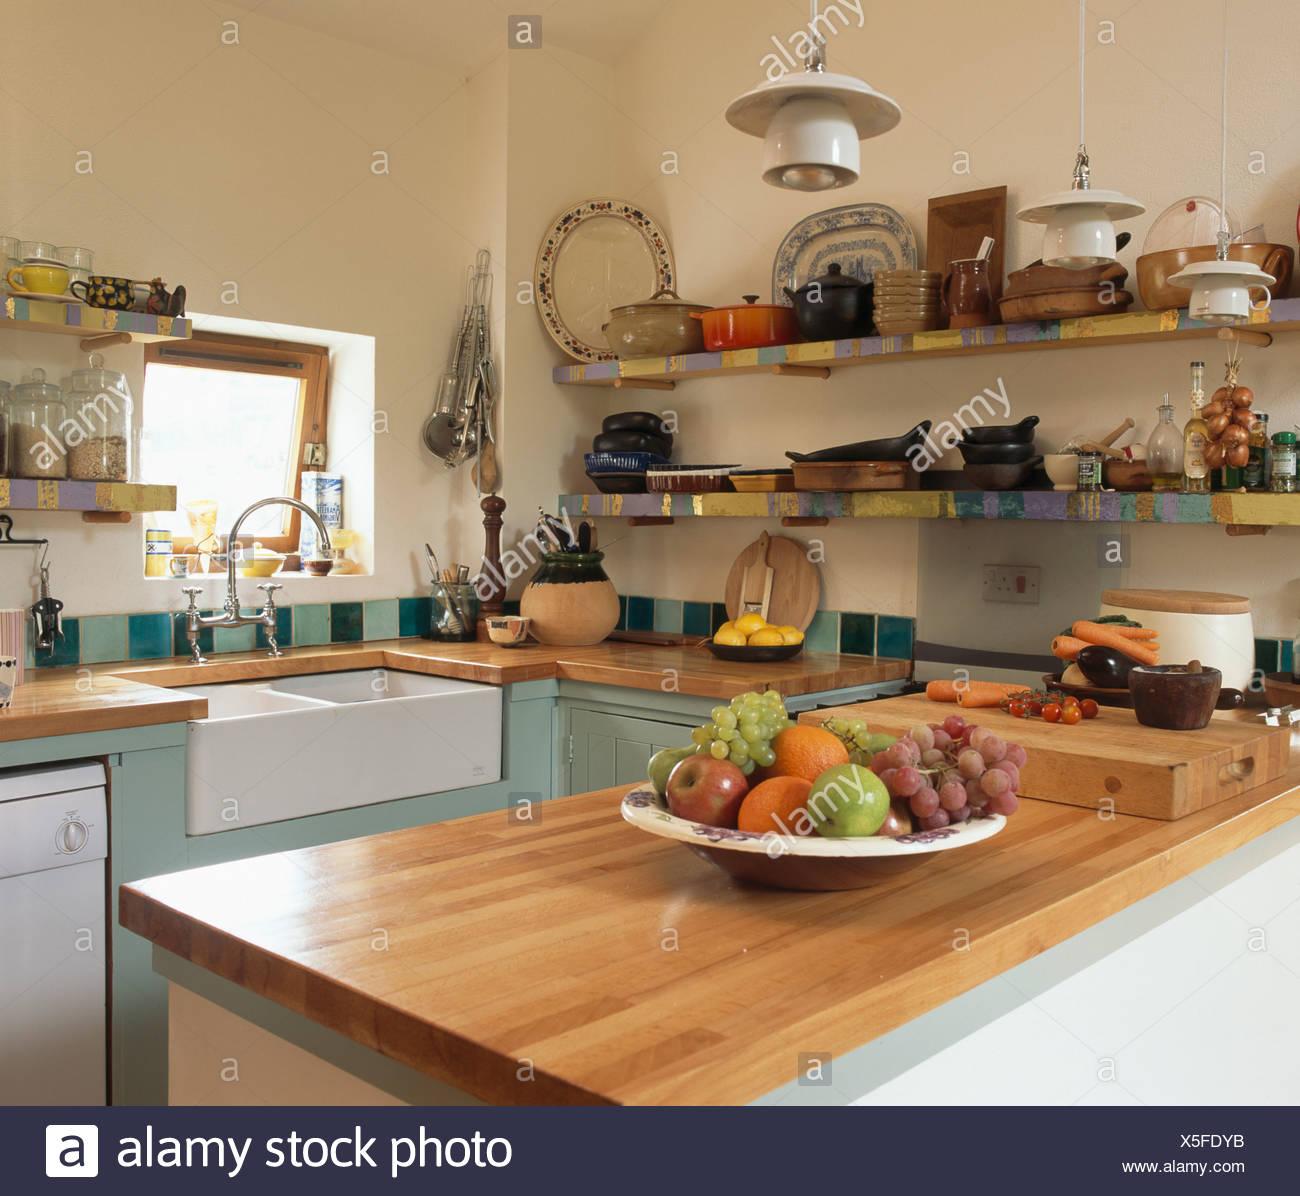 Kirschbaum Holz Arbeitsplatte In Kleine Landhaus Kuche Mit Spule Und